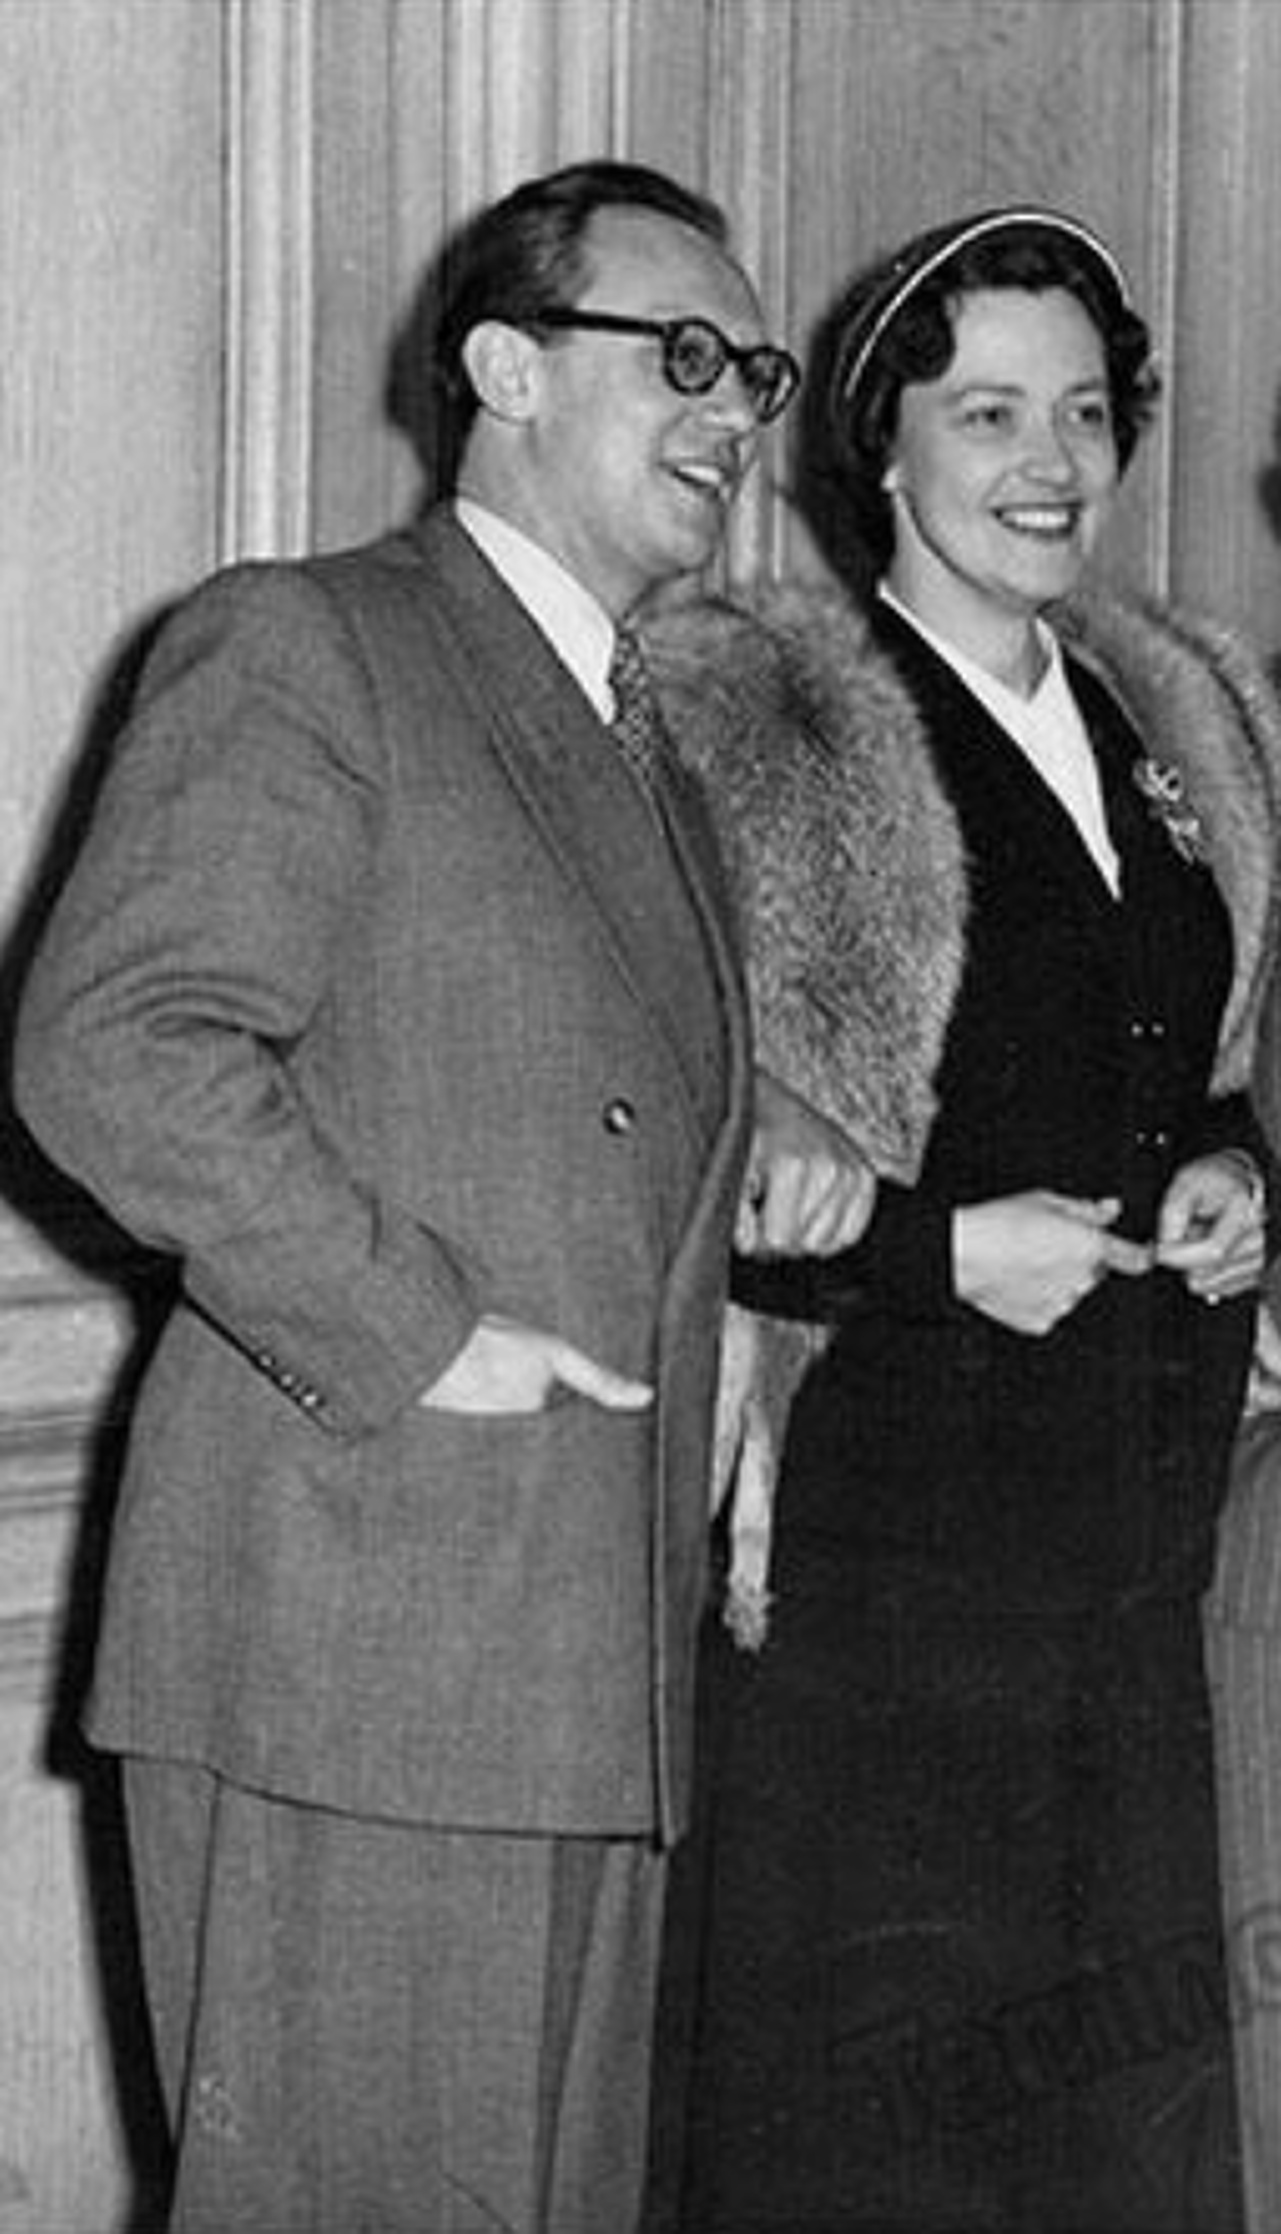 Horst GÜNTER et Kathleen FERRIER, D.R., date ??, photographe ??, lieu ??, cliquer pour un agrandissement et quelques infos